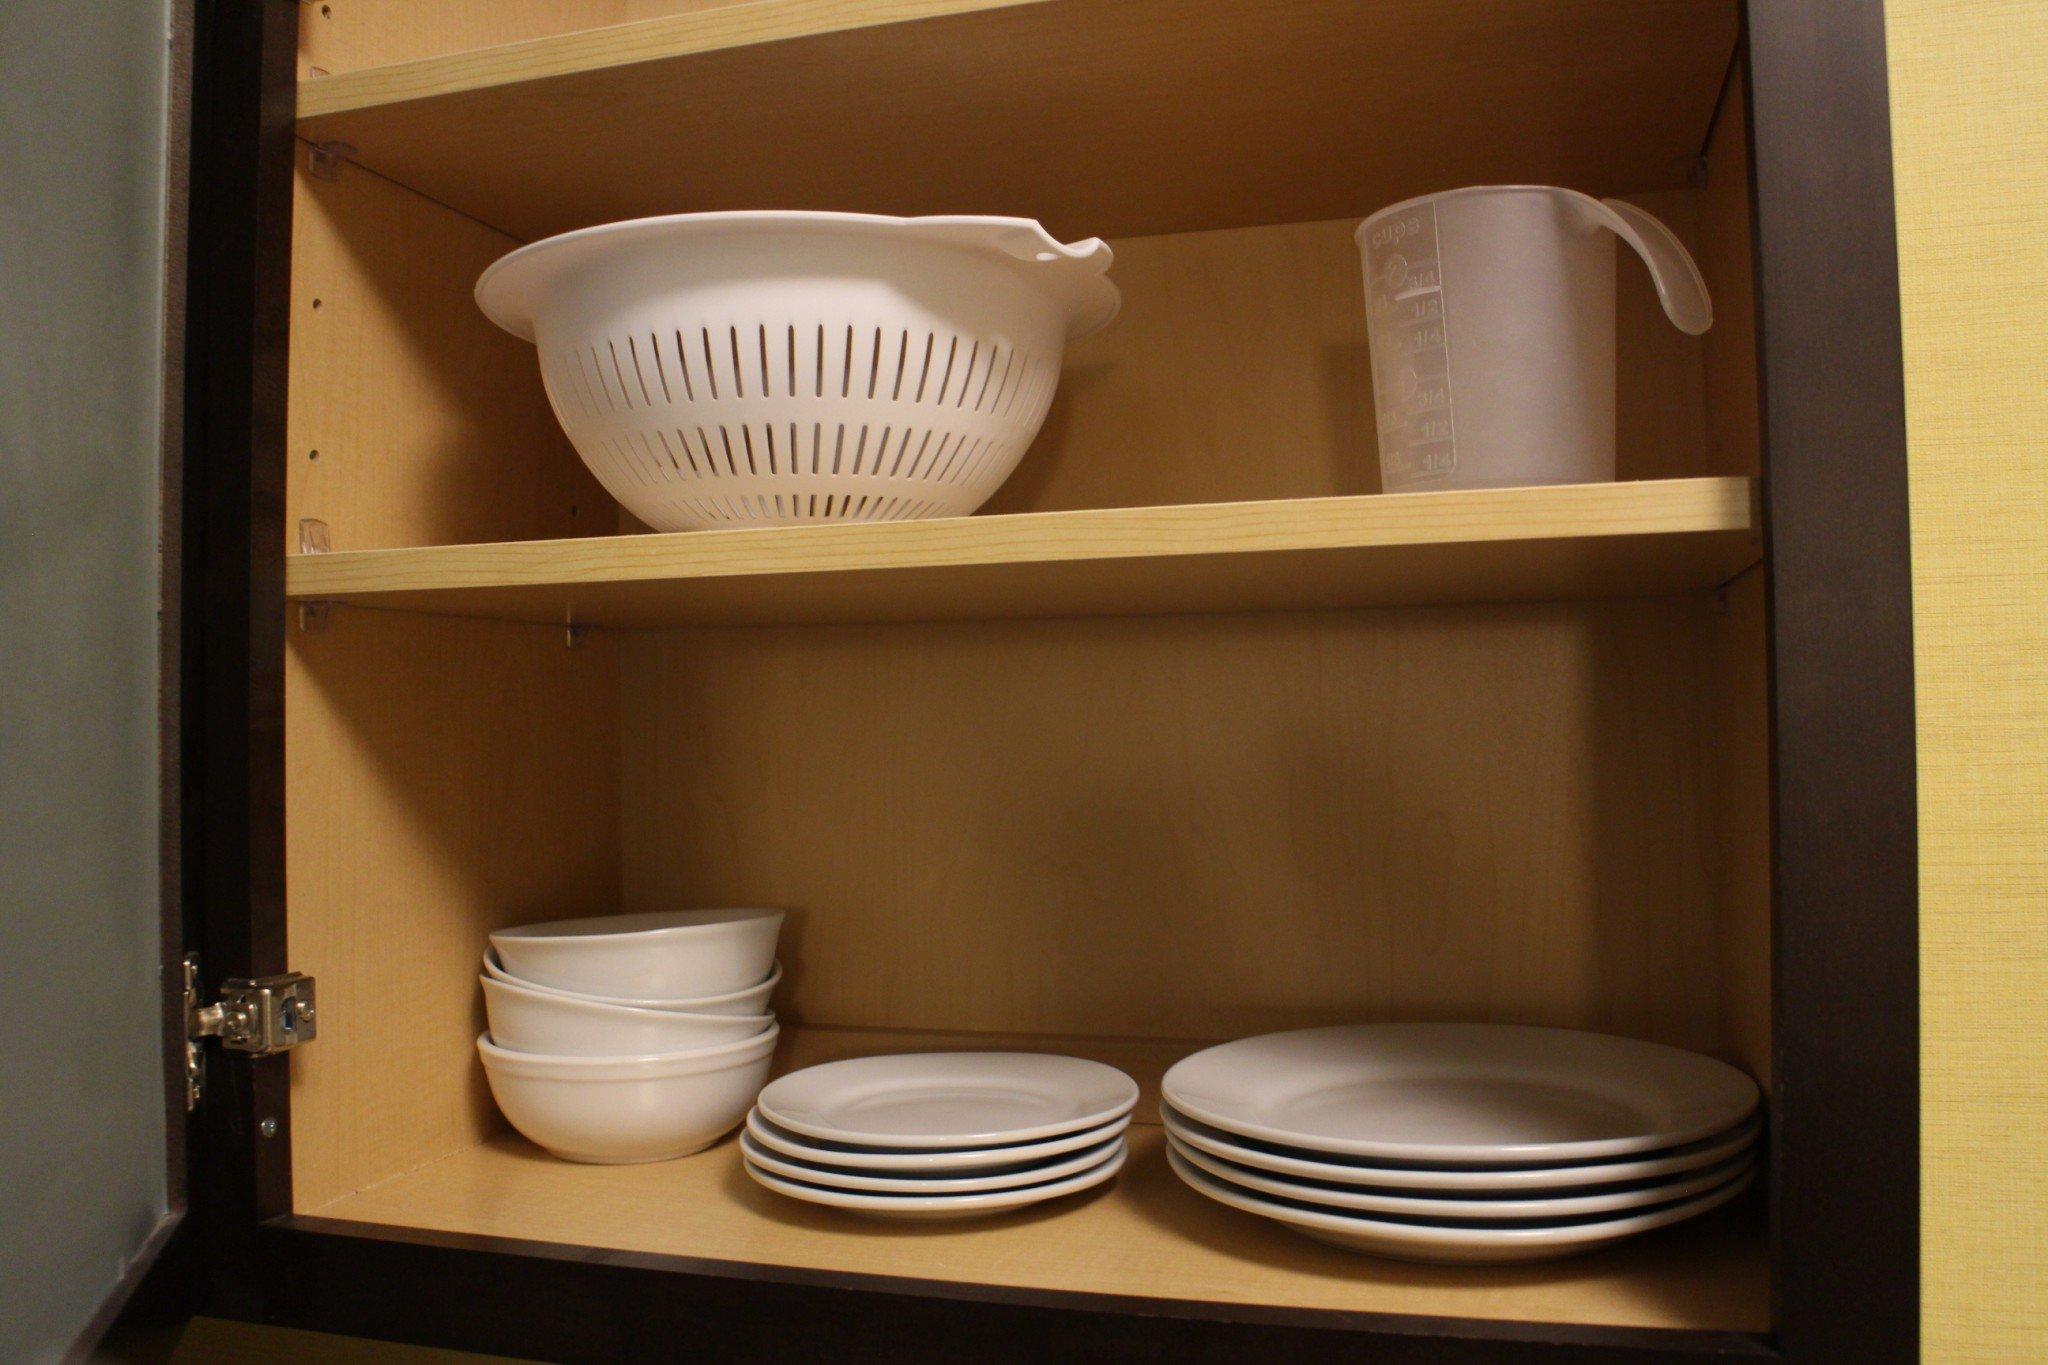 Residence Inn Redondo Beach tableware